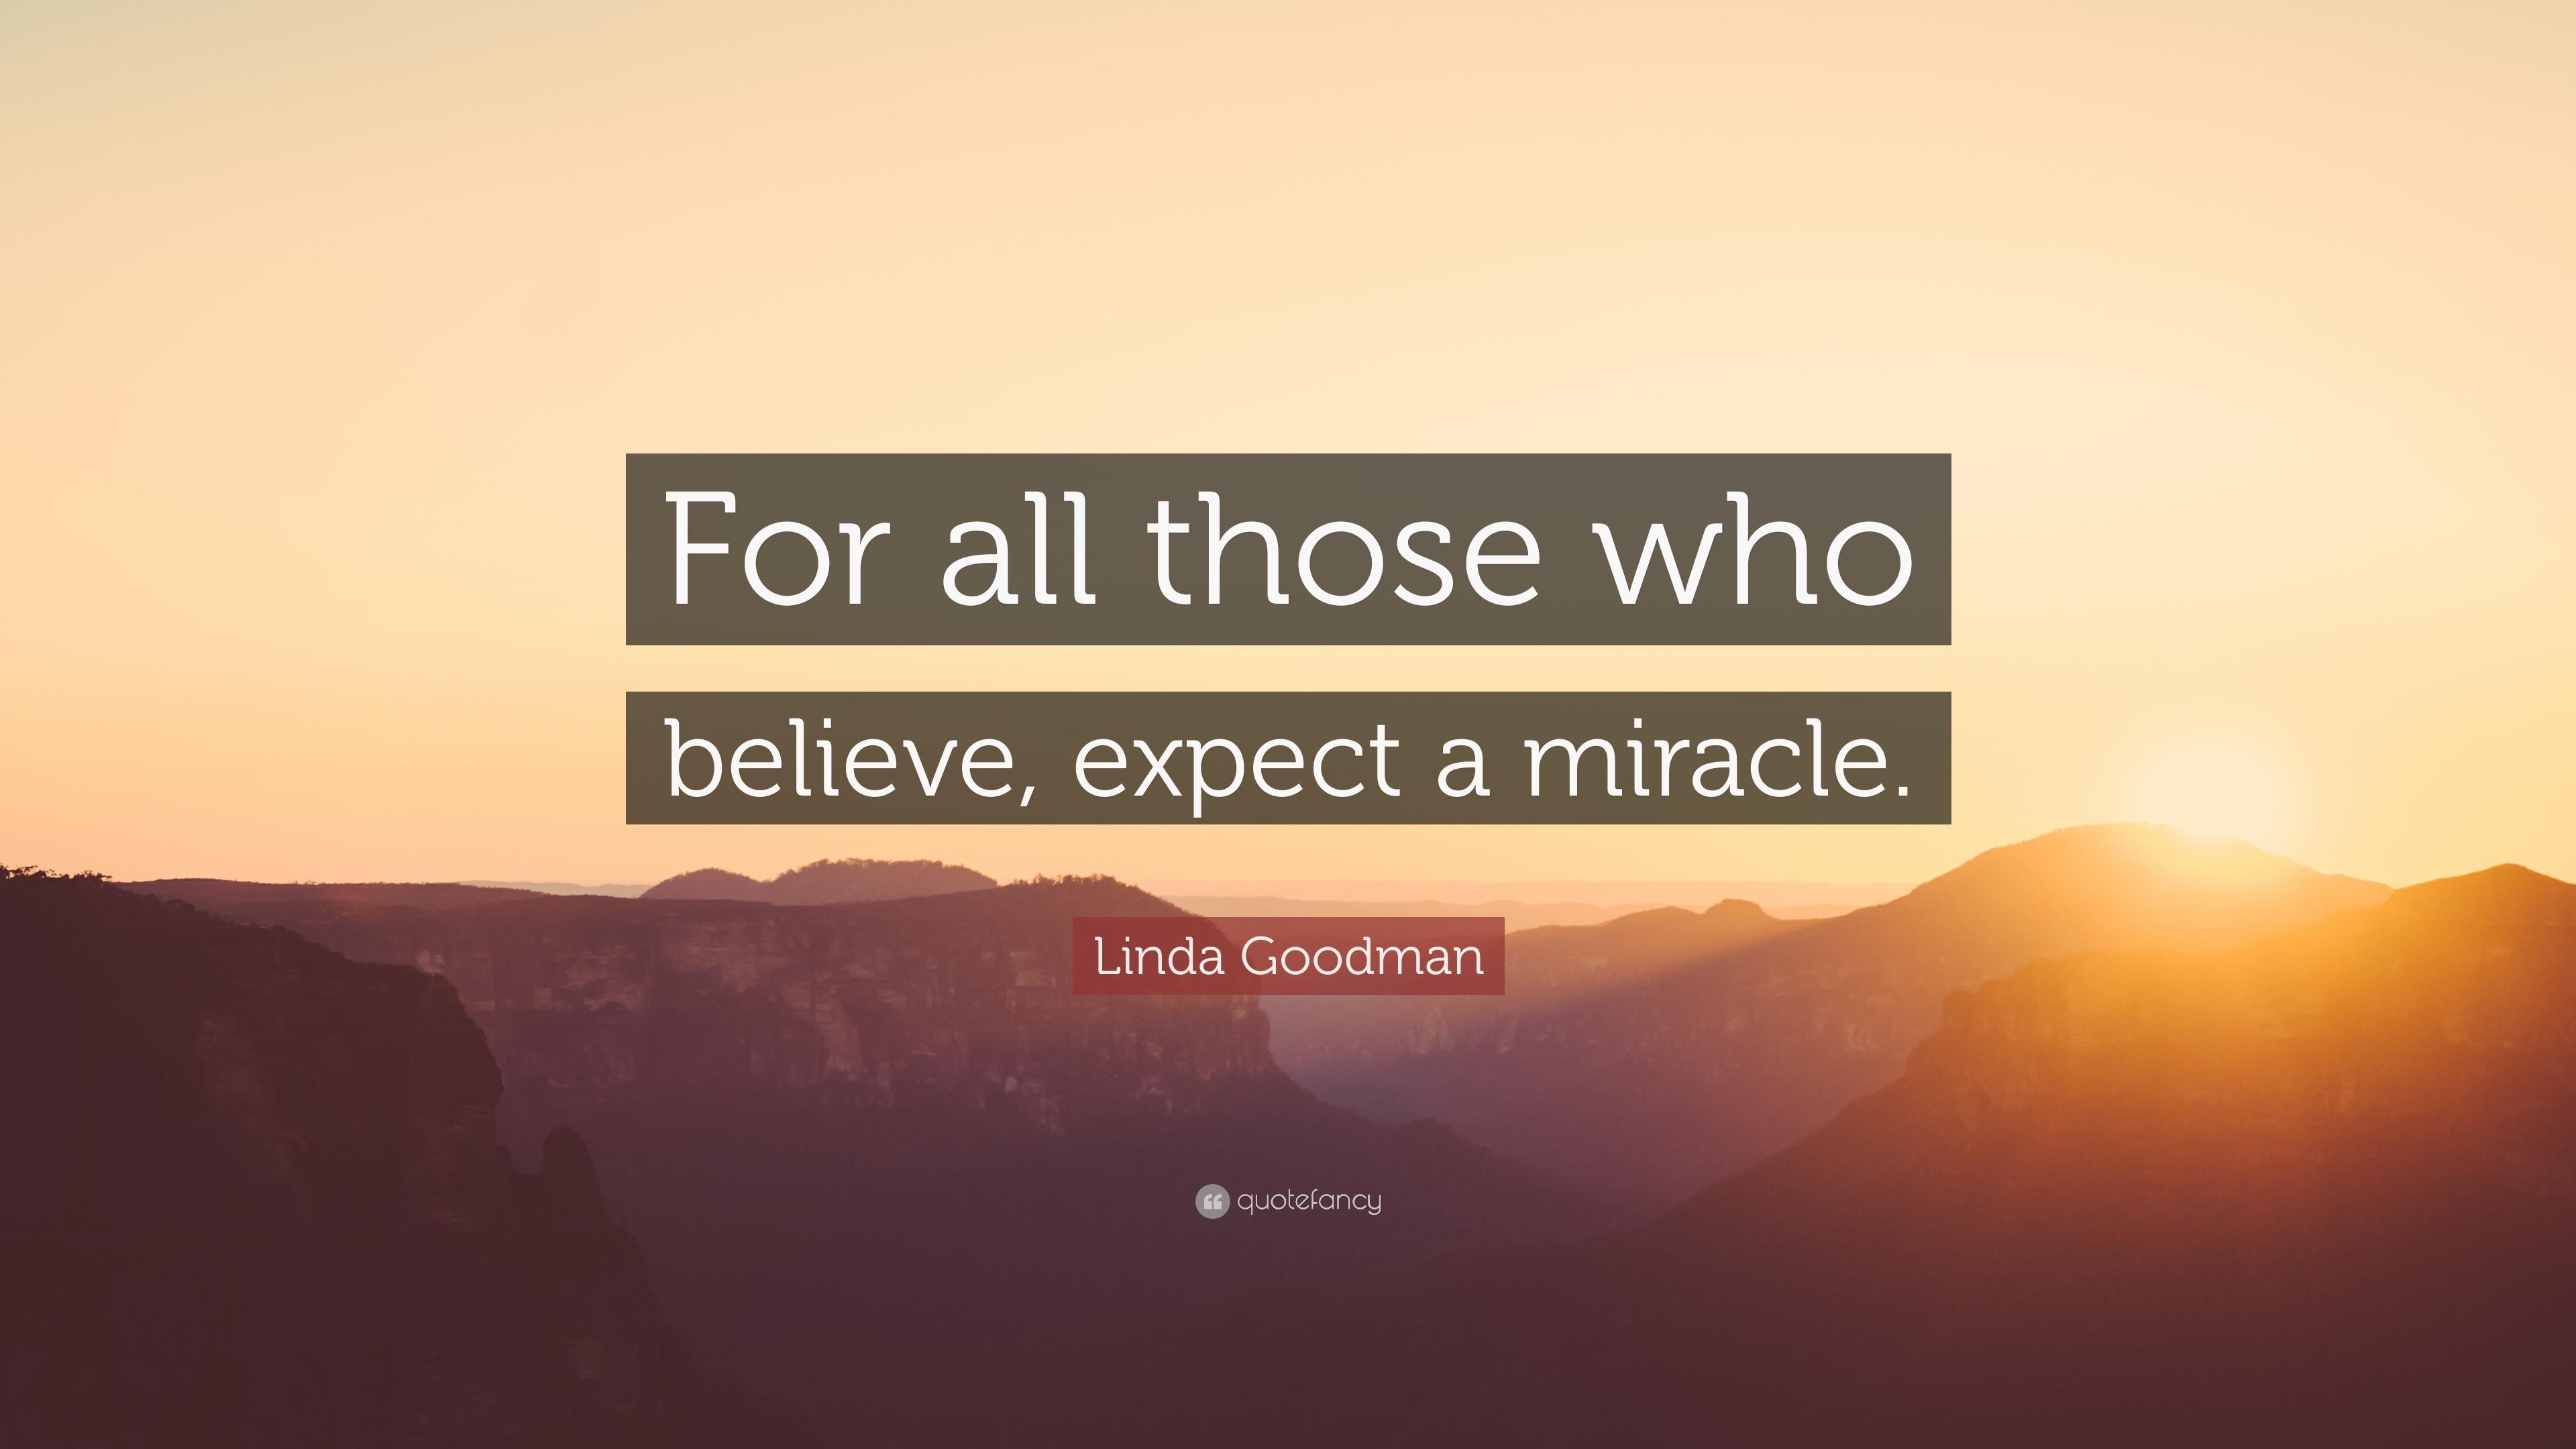 Linda Goodman Quotes 3 Wallpapers Quotefancy